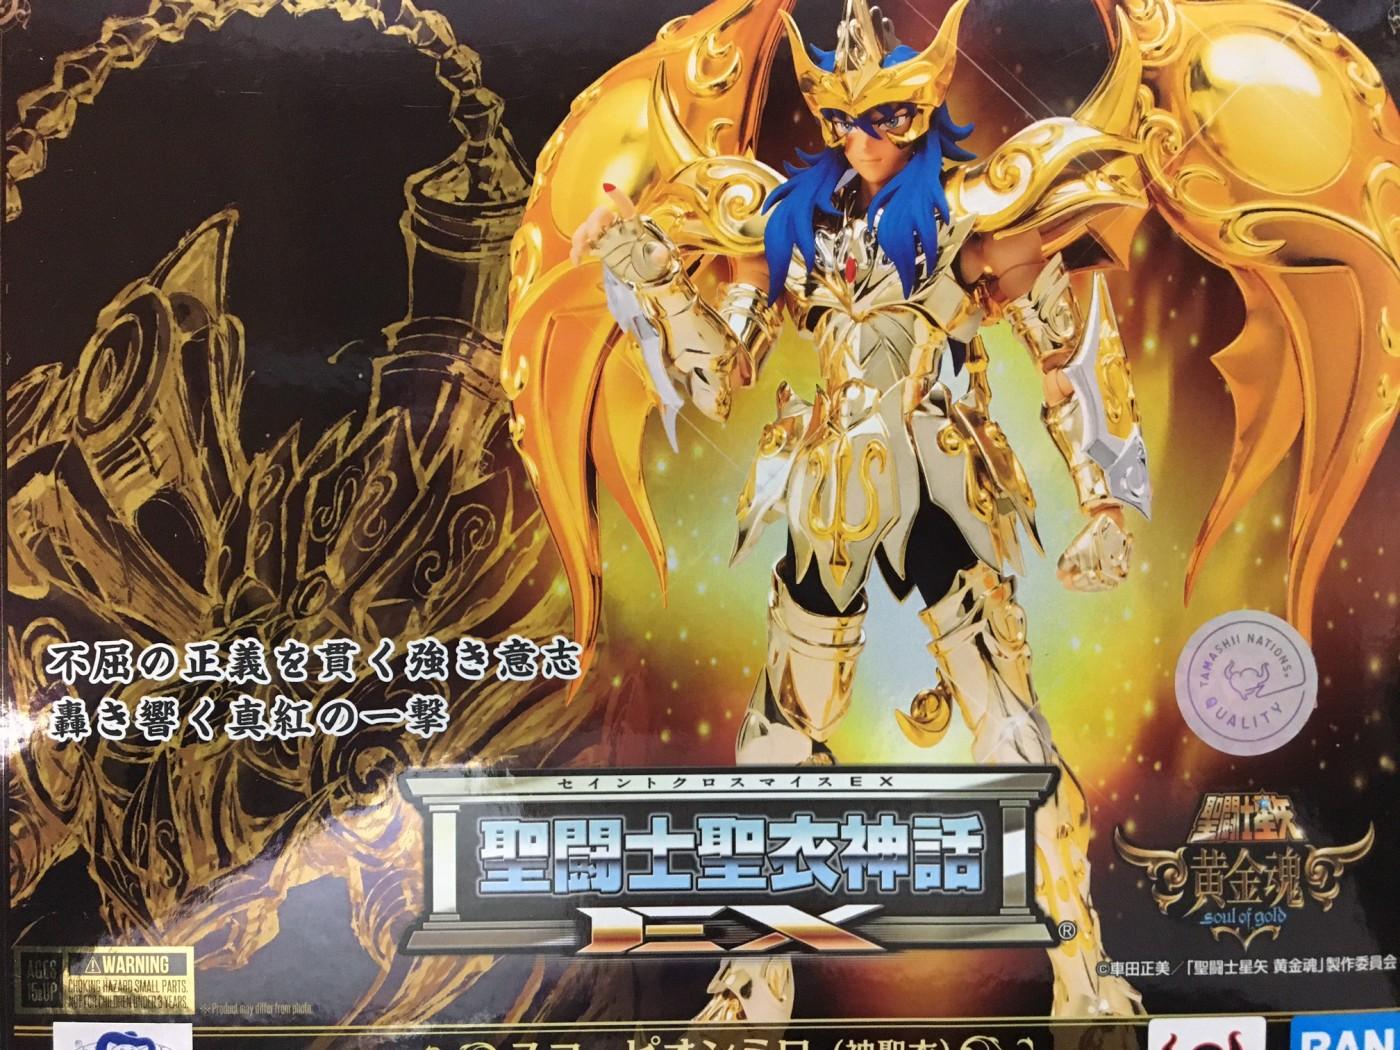 買取情報『バンダイの聖闘士聖衣神話EX スコーピオンミロ(神聖衣)』